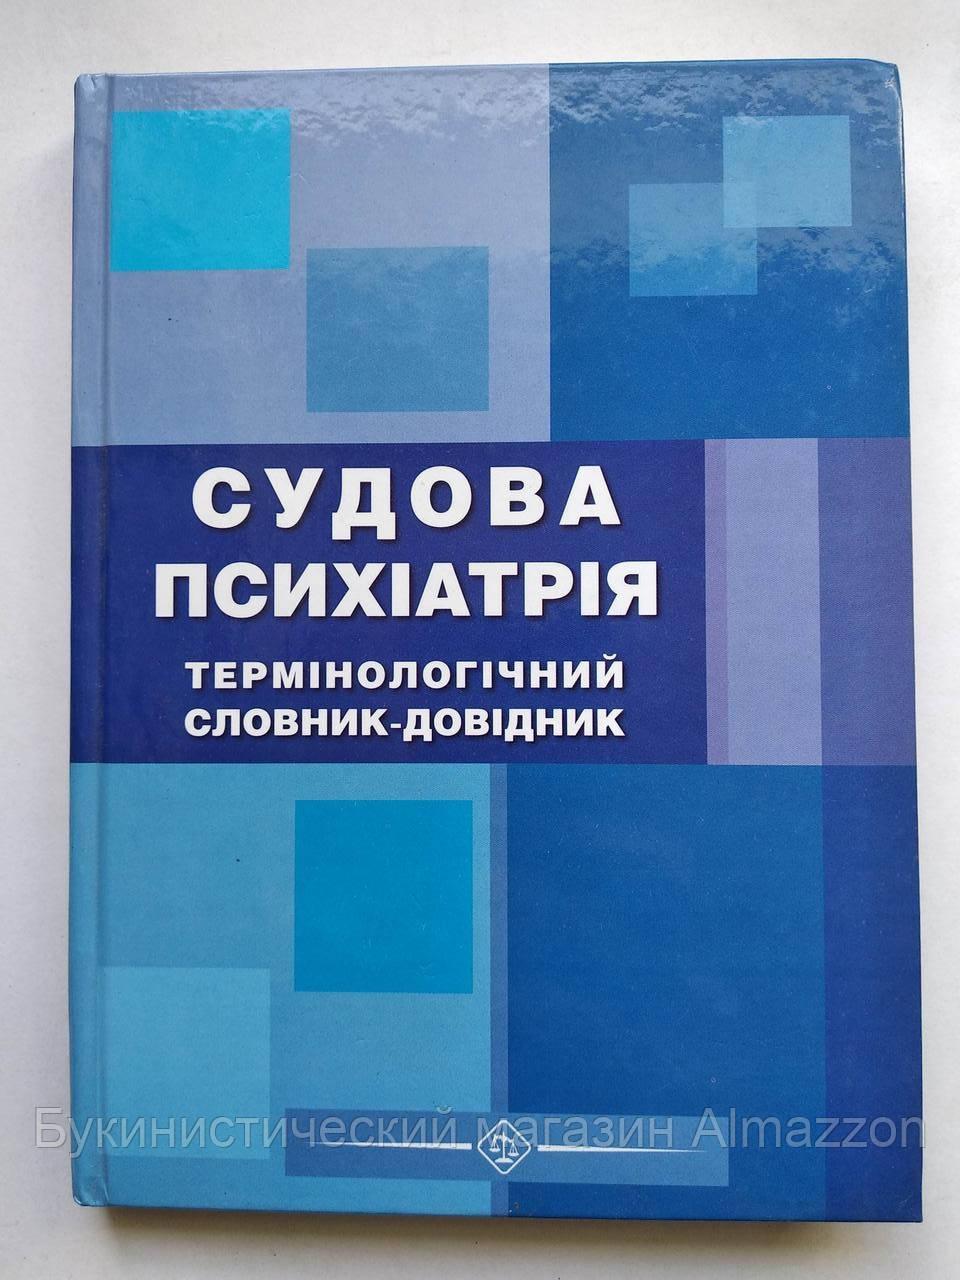 Сухова психіатрія А.М.Бачериков